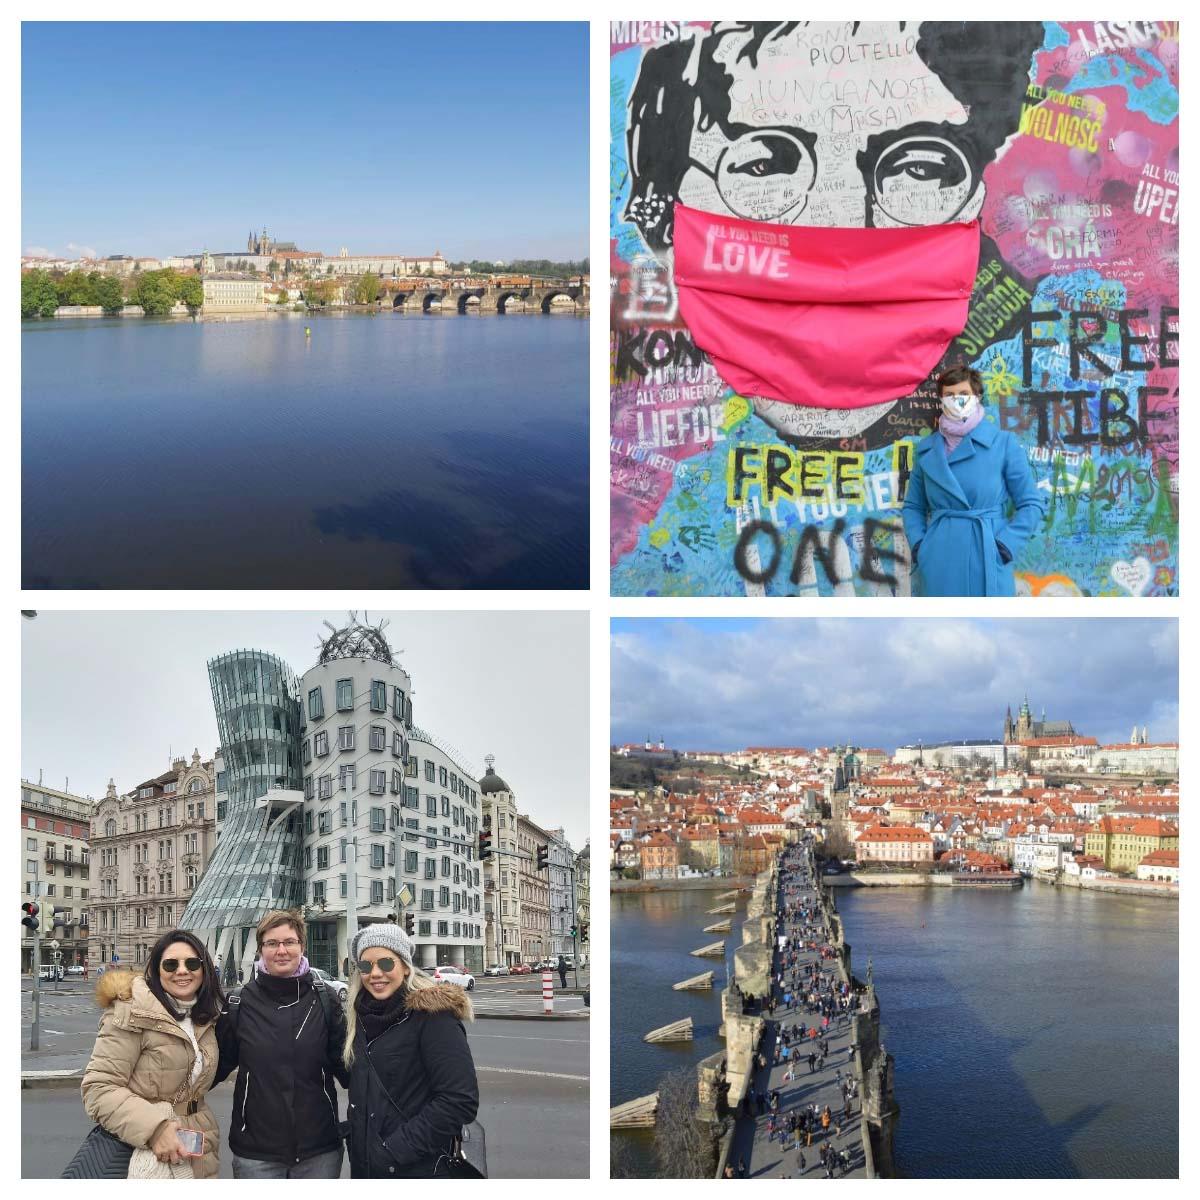 Guia de turismo em português em Praga